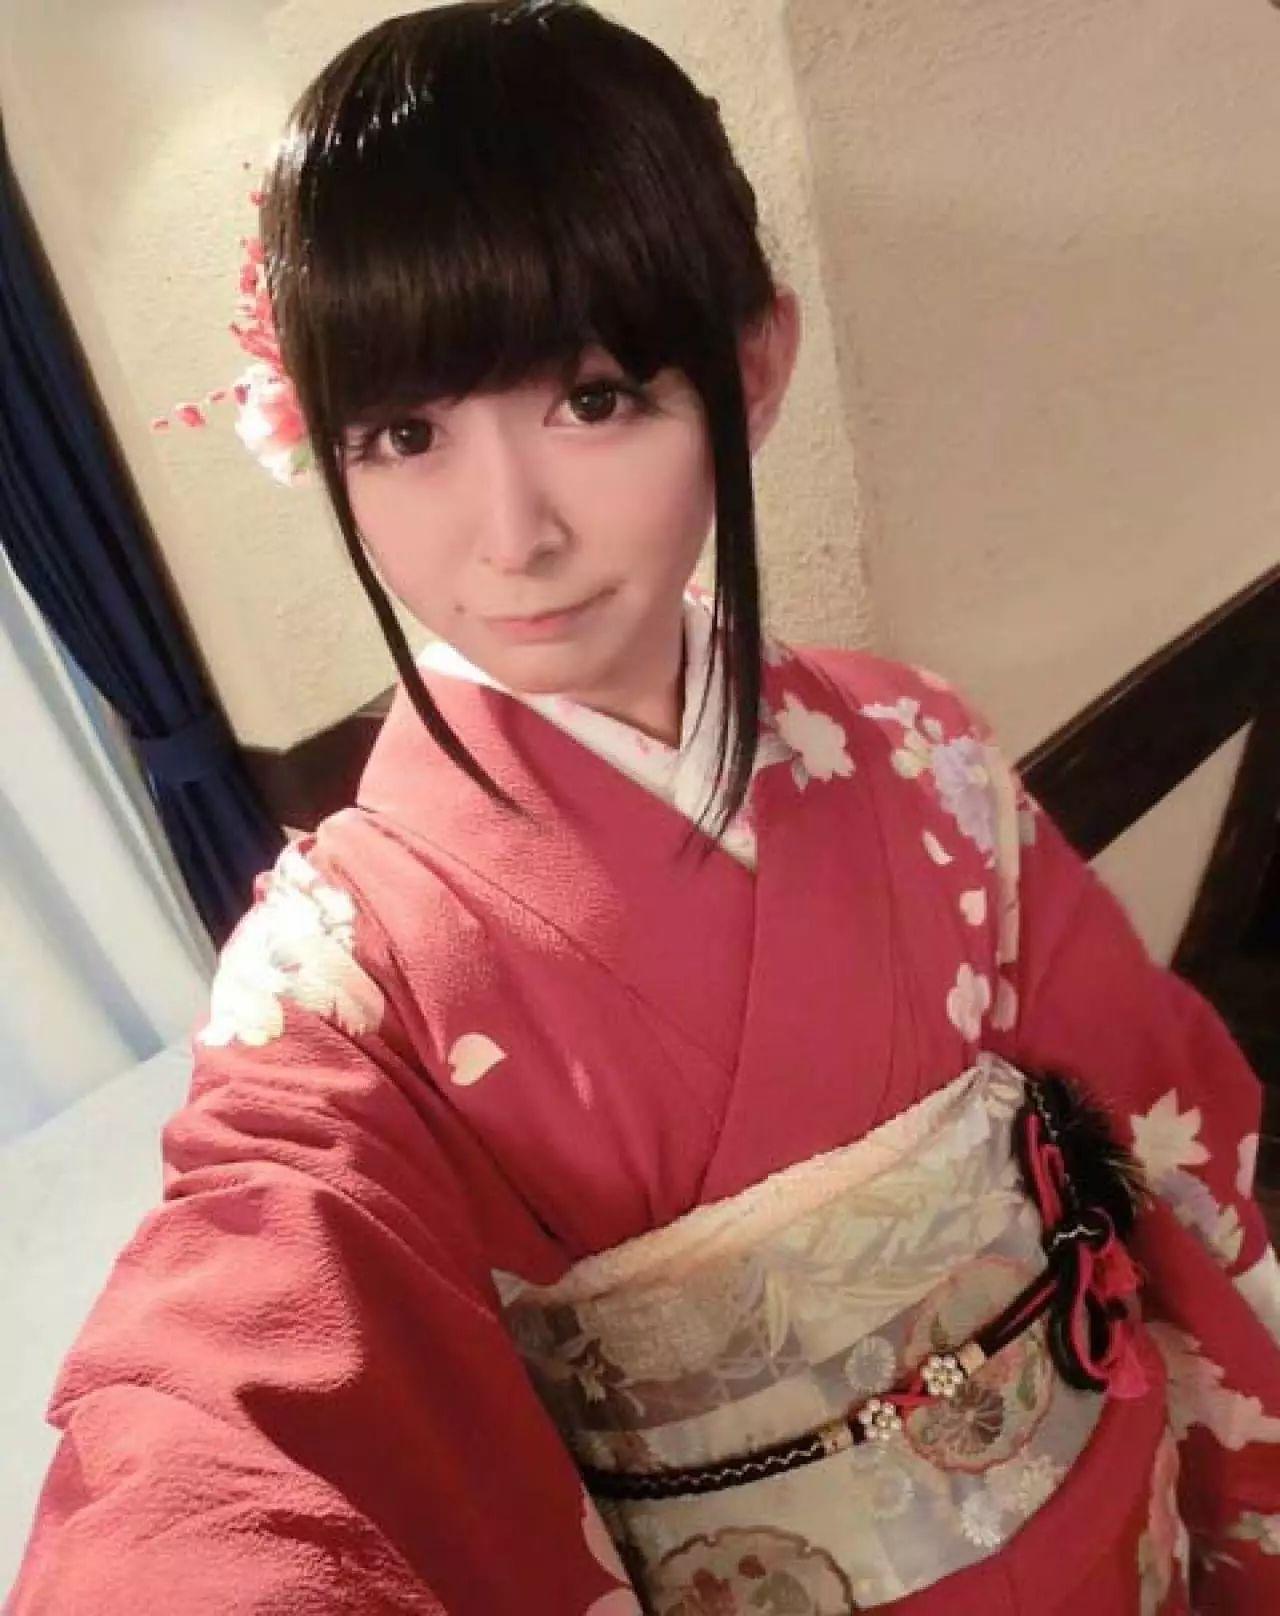 日本妹子被朋友绑架自己逃脱